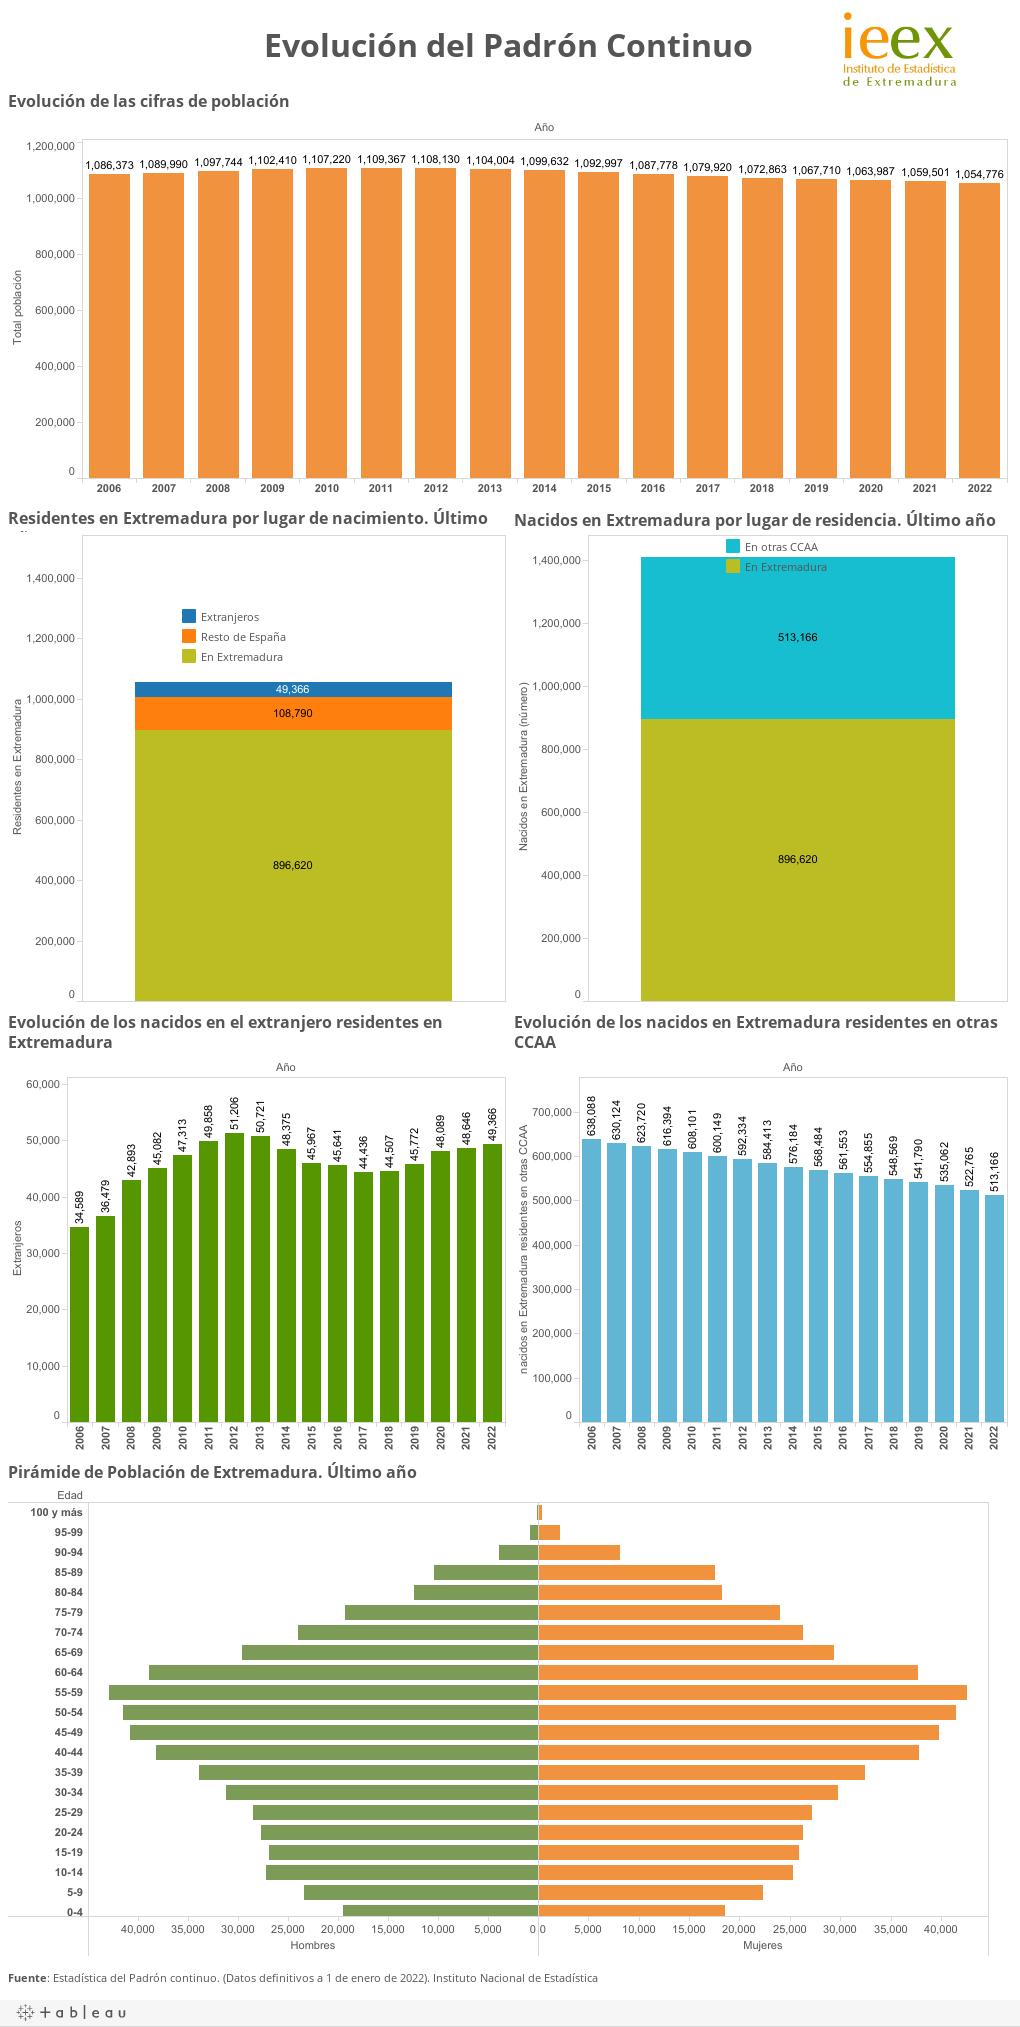 Población en Extremadura